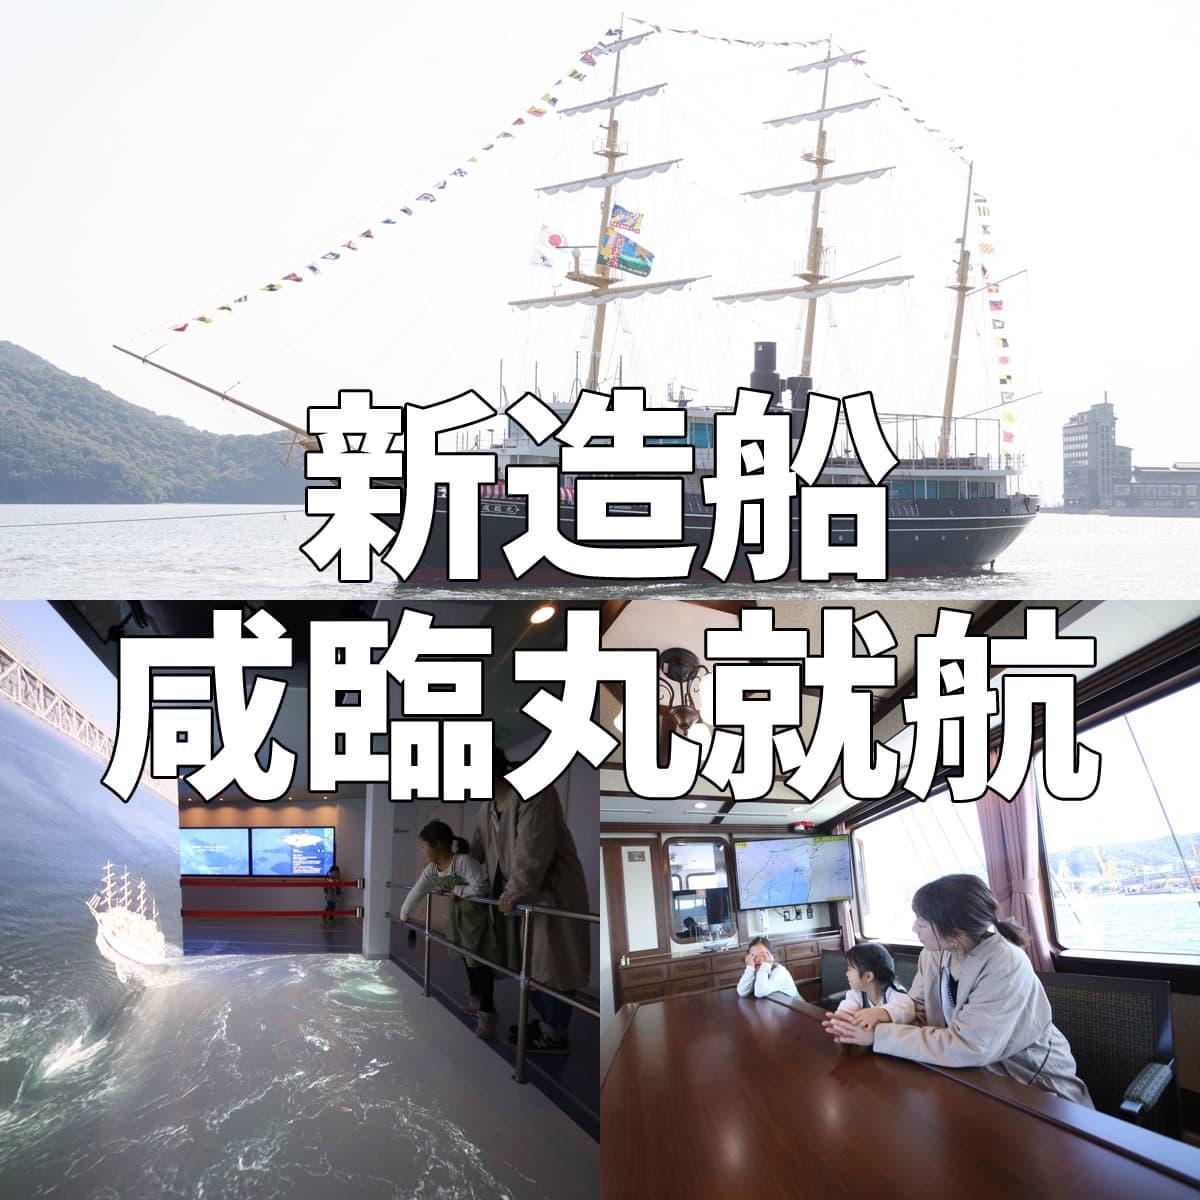 新造船「咸臨丸(かんりんまる)」うずしおクルーズ